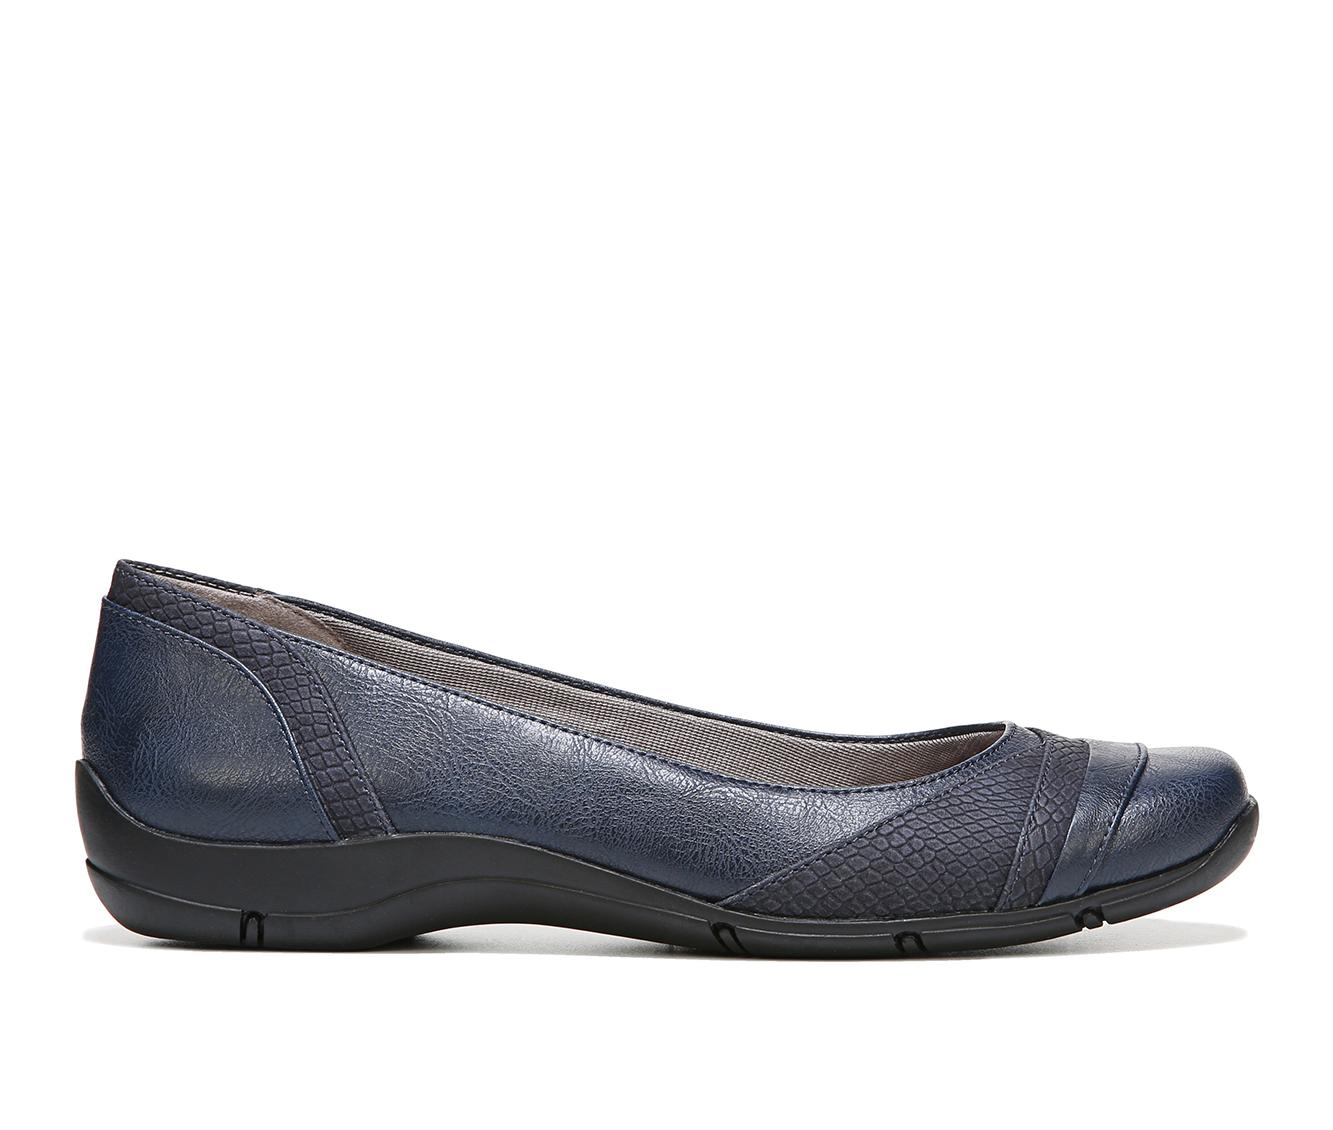 LifeStride Dig Women's Shoe (Blue Faux Leather)